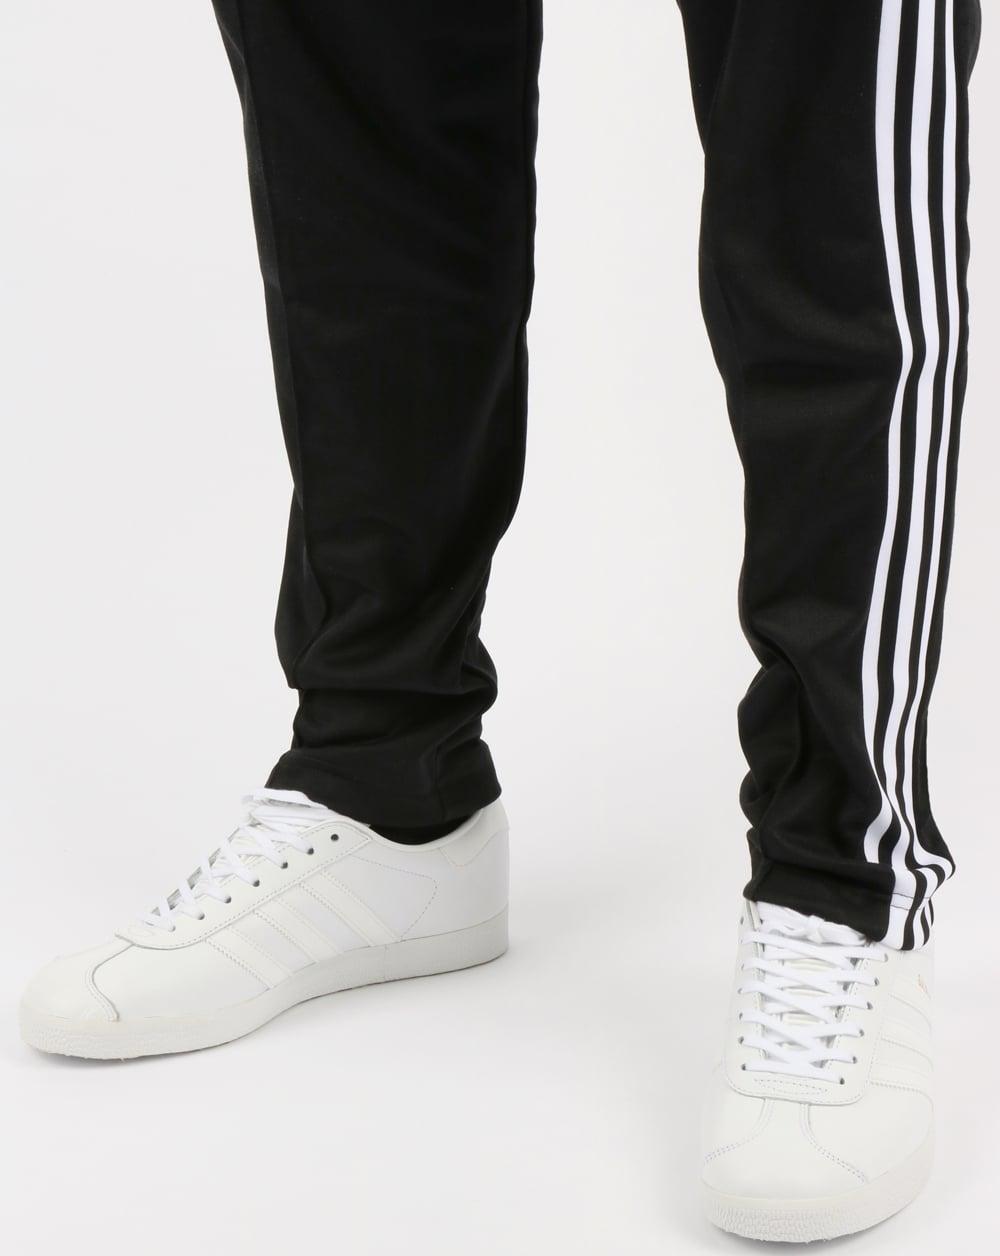 Adidas Originals Beckenbauer Track Pants Black a54da5a4ff